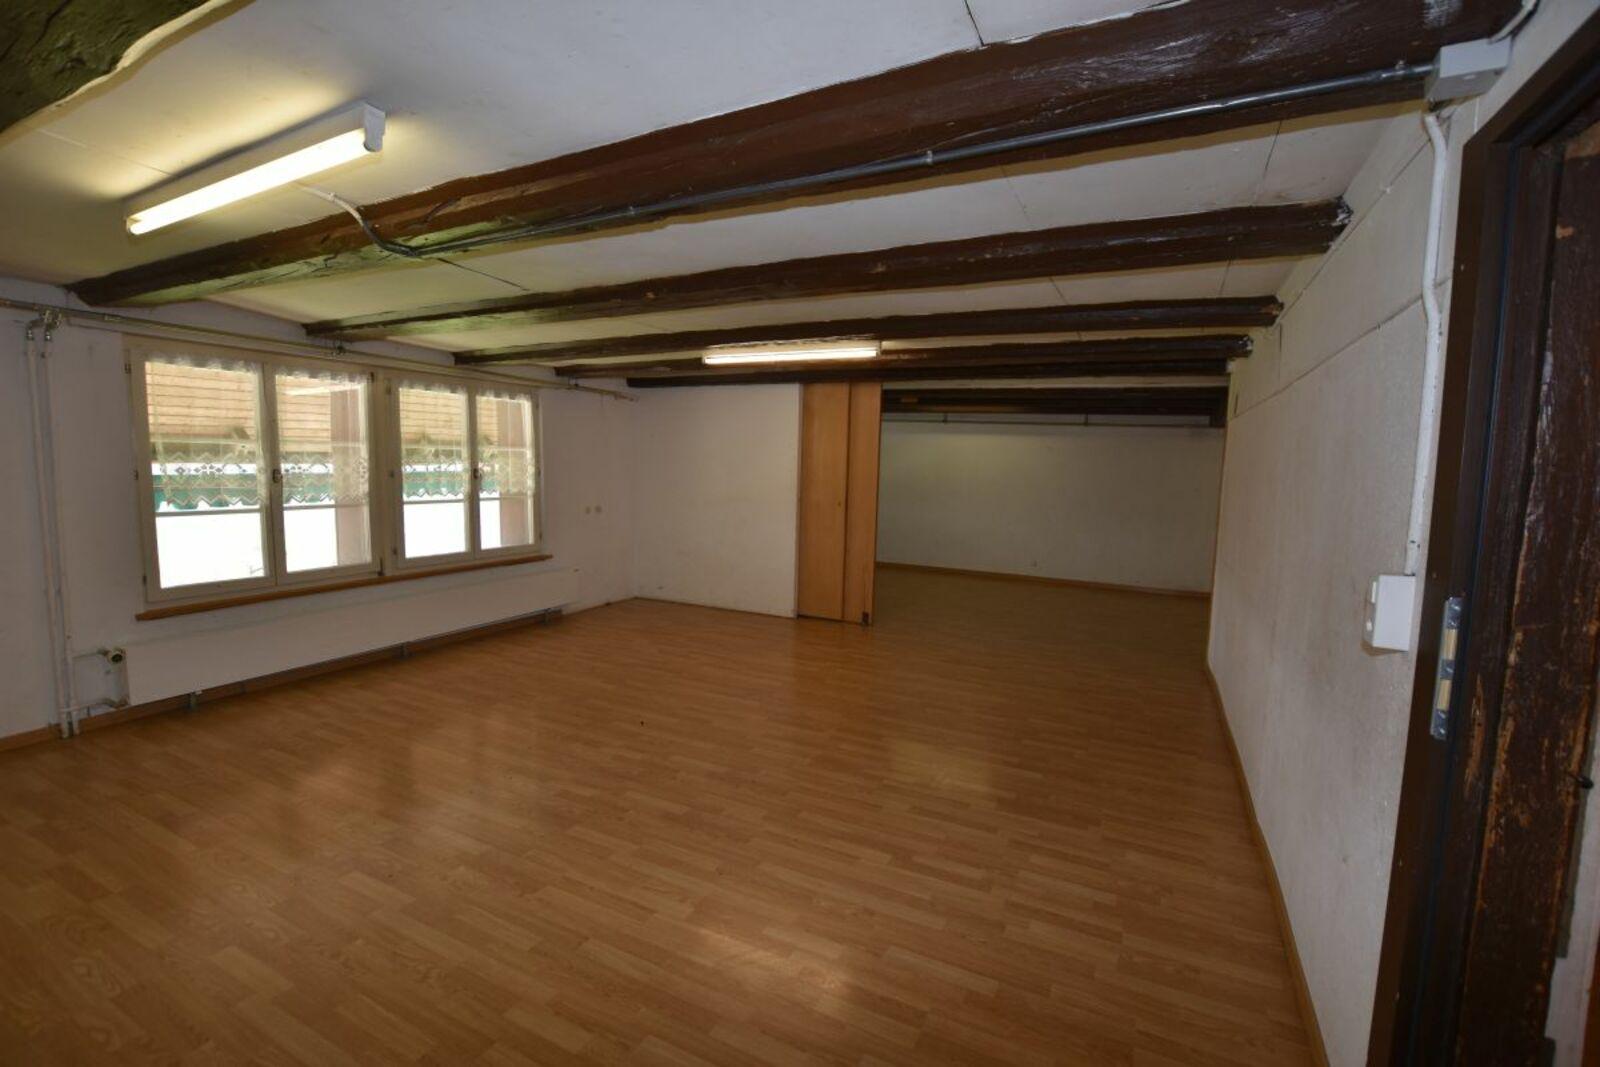 Pfadiheim Wangen, 4612 Wangen bei Olten - 9526 - Schlafraum